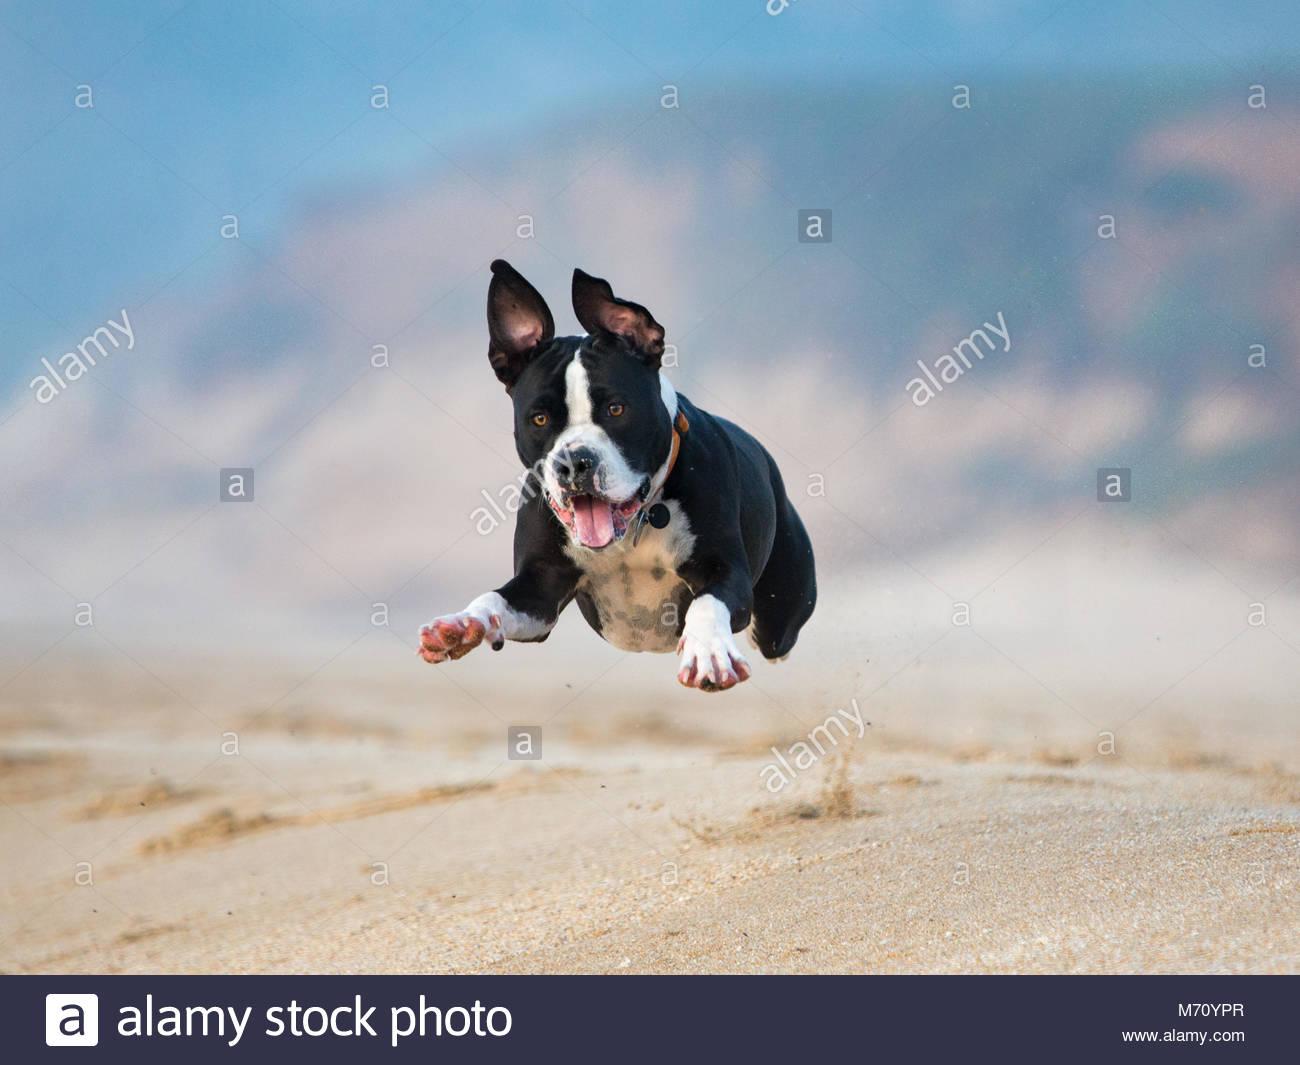 Chien Volant heureux piège noir et blanc chien volant par l'air sur une plage